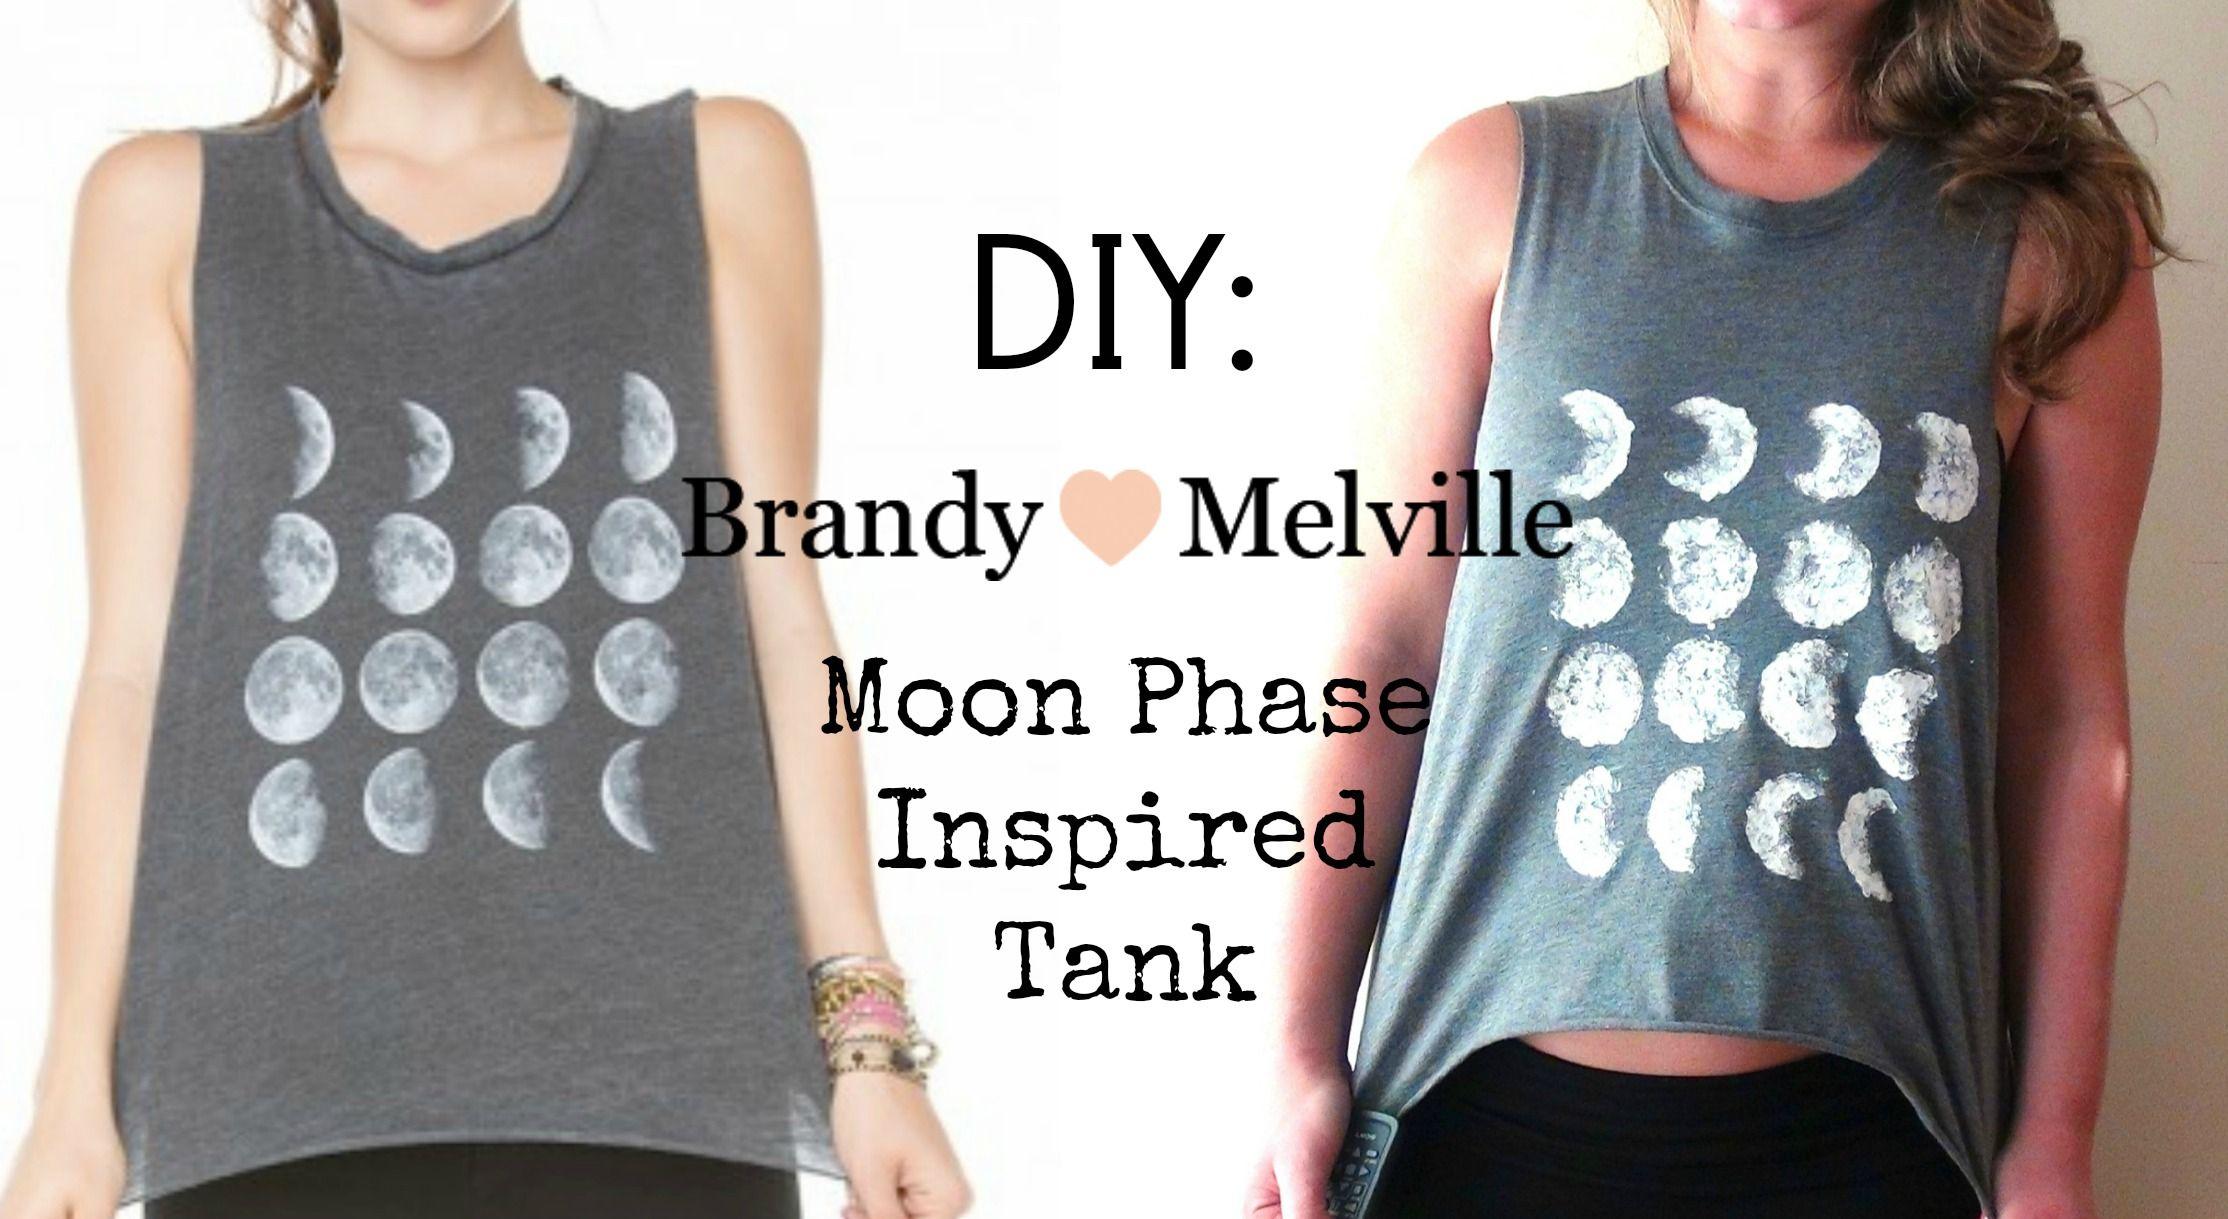 Diy Brandy Melville Inspired Moon Phase Tank Diy Fashion Diy